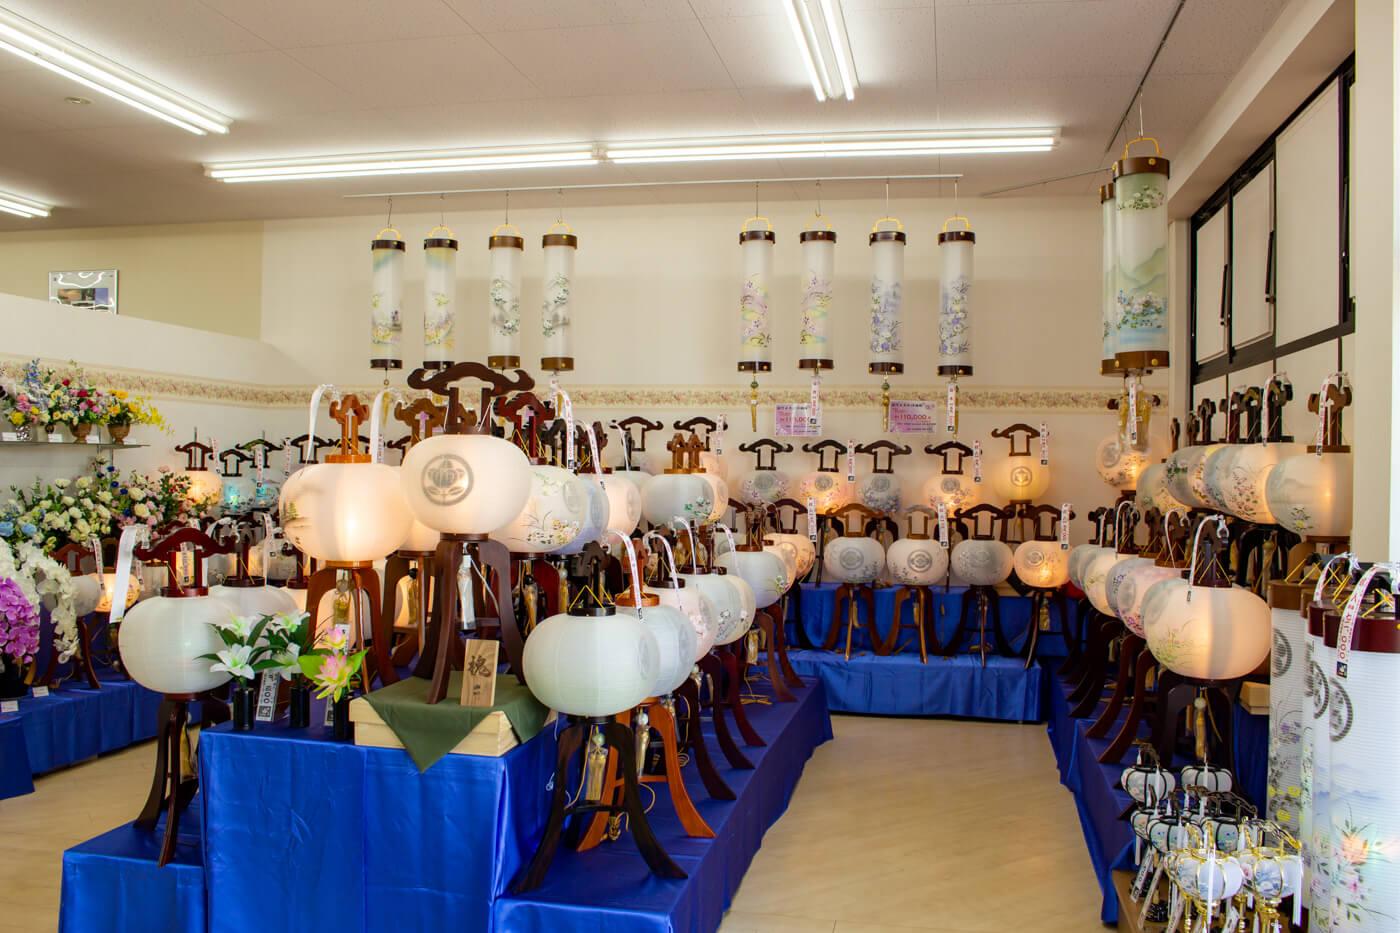 盆提灯が店内に並ぶ様子